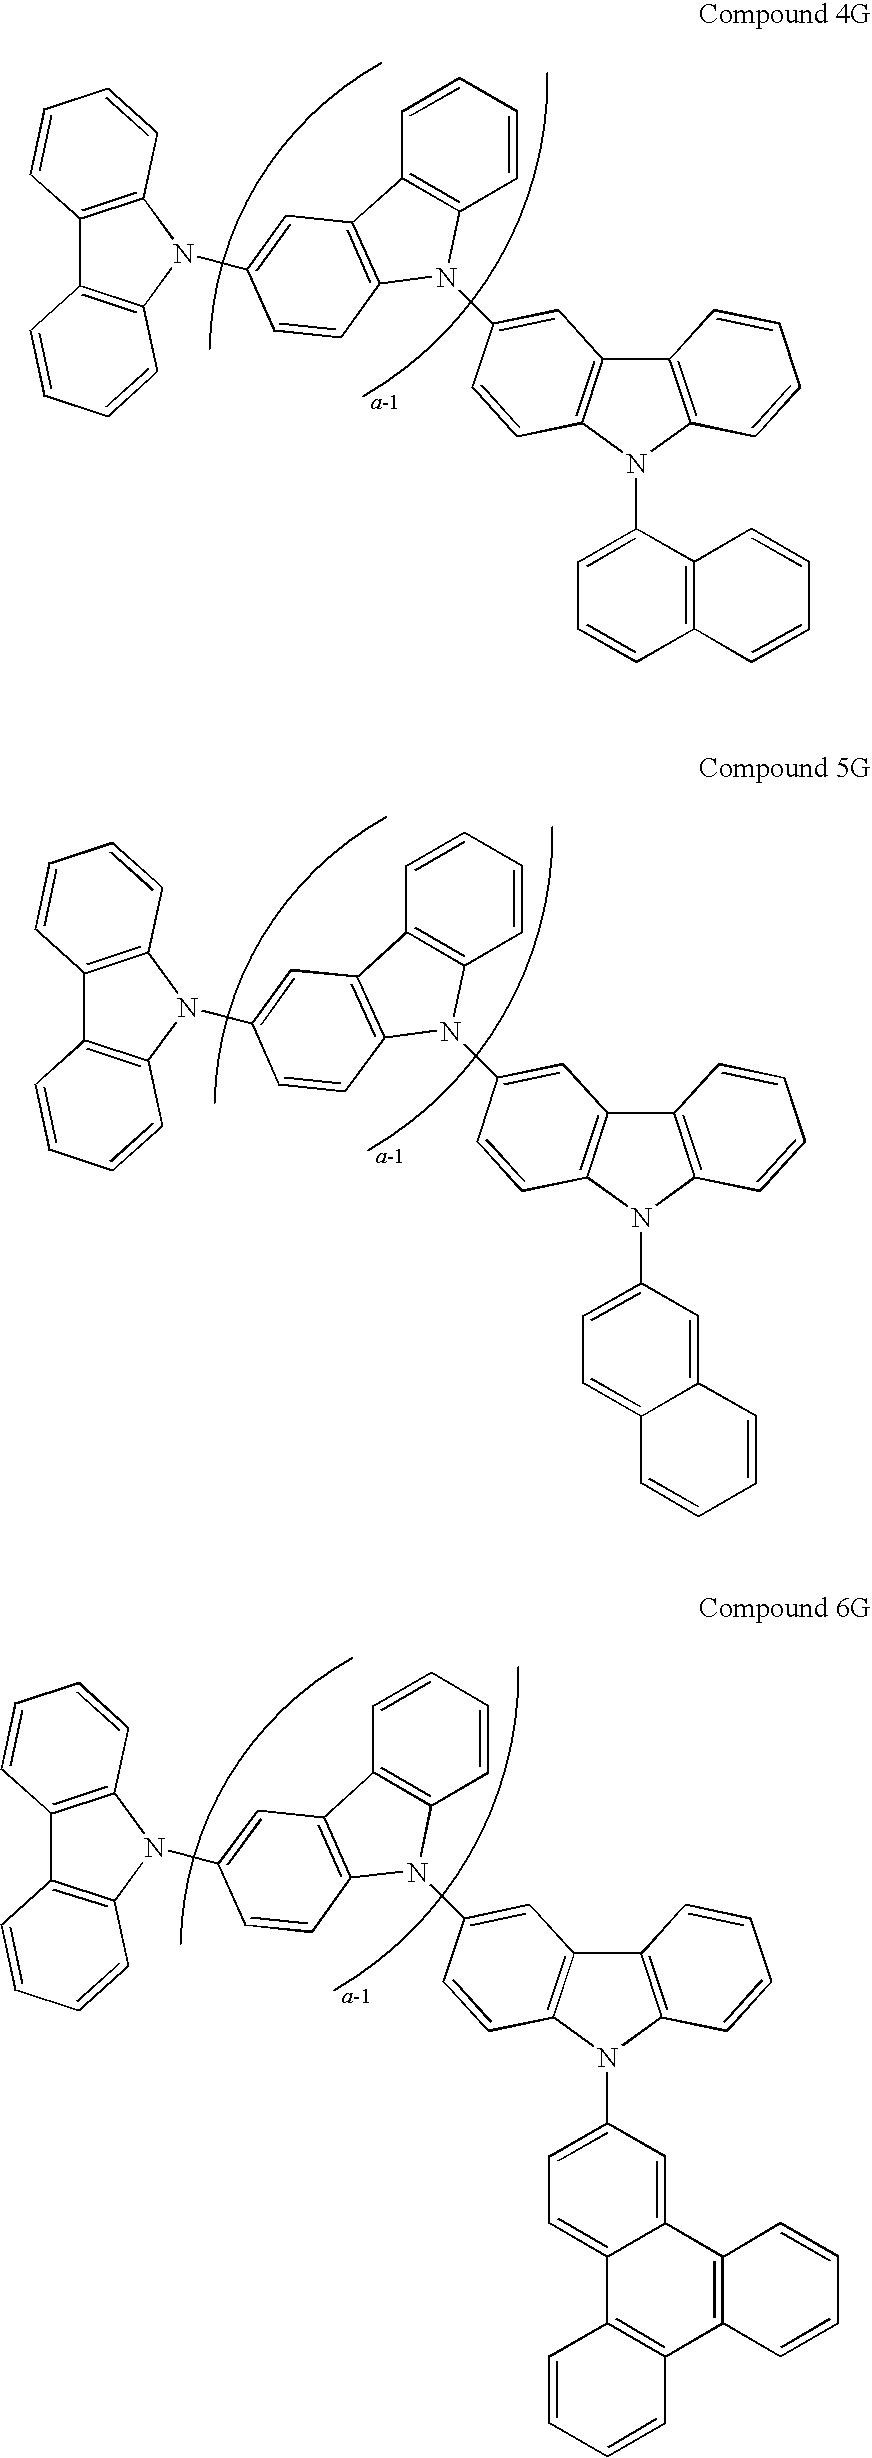 Figure US20090134784A1-20090528-C00201